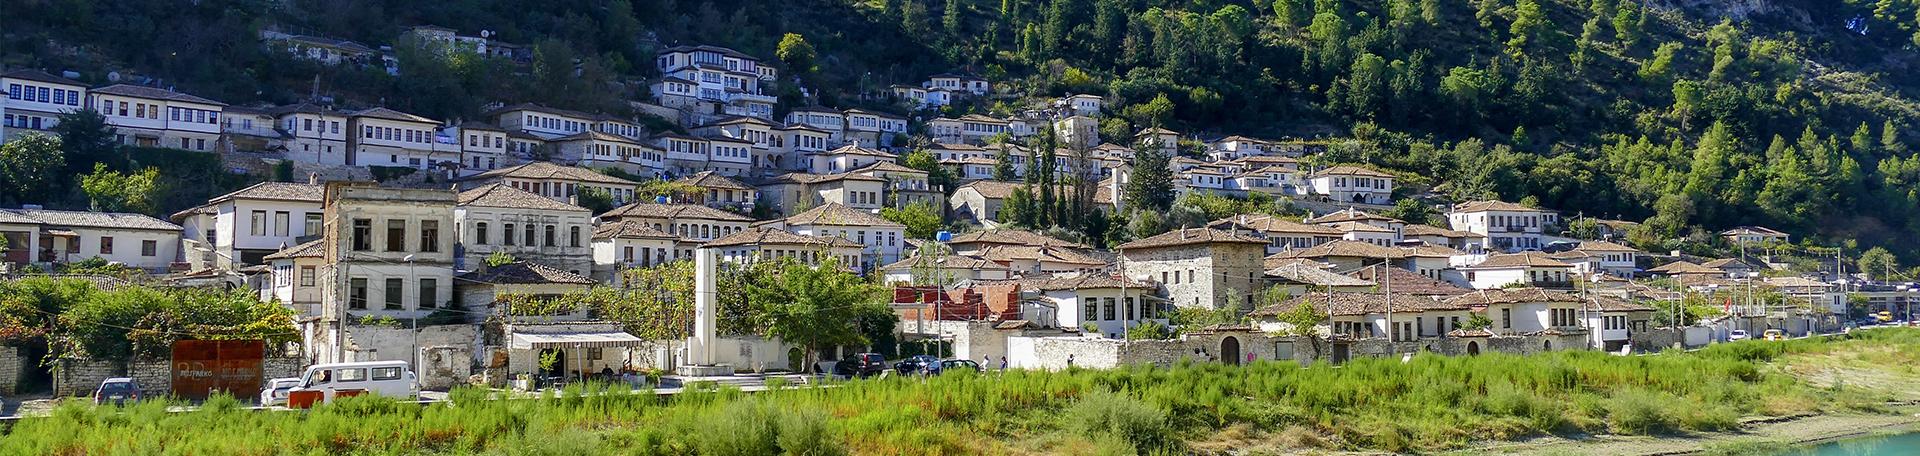 Berat; Minitour Albania